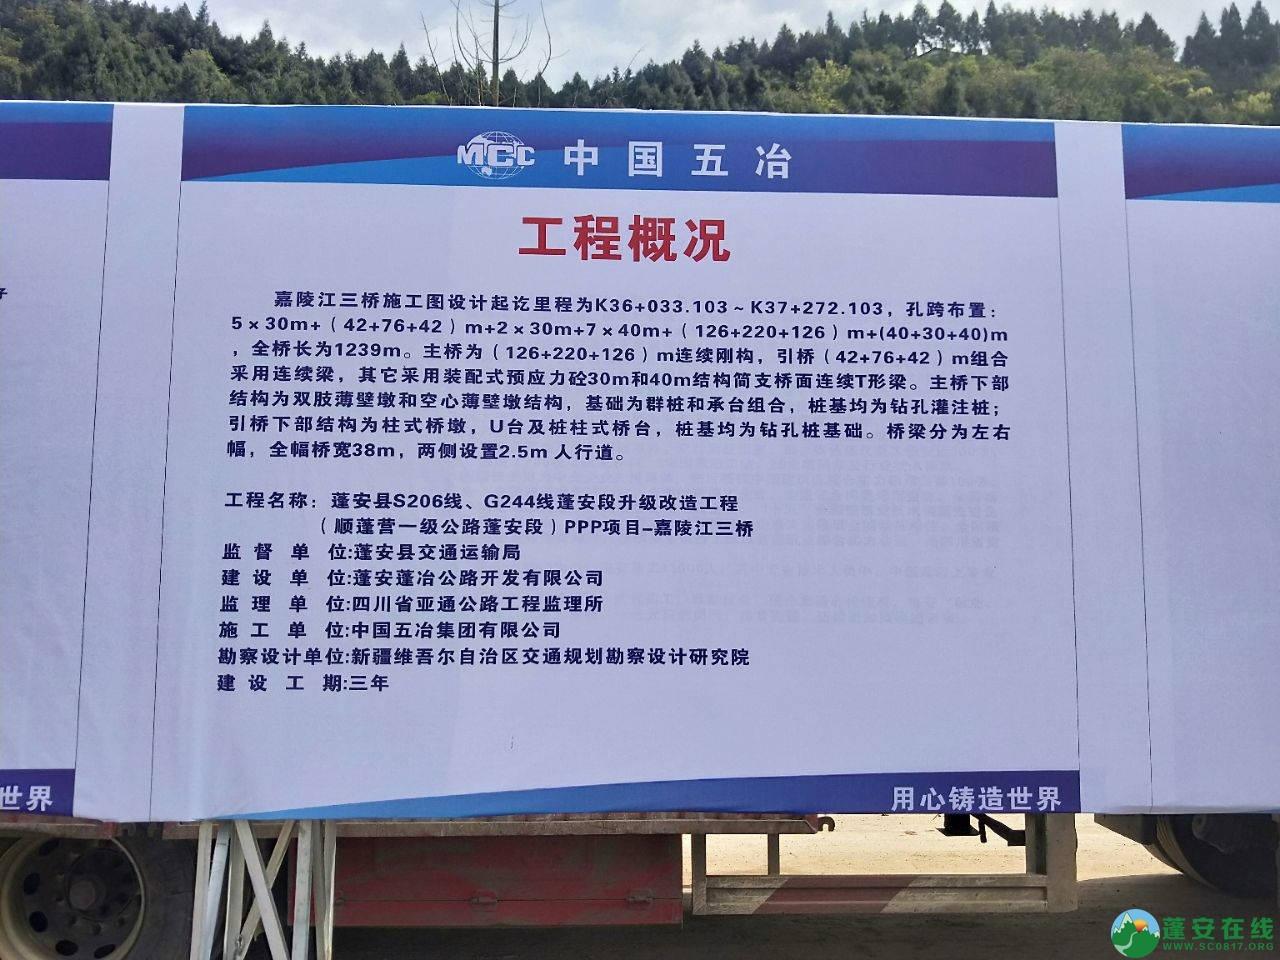 蓬安嘉陵江三桥新进展(2019.3.18) - 第16张  | 蓬安在线